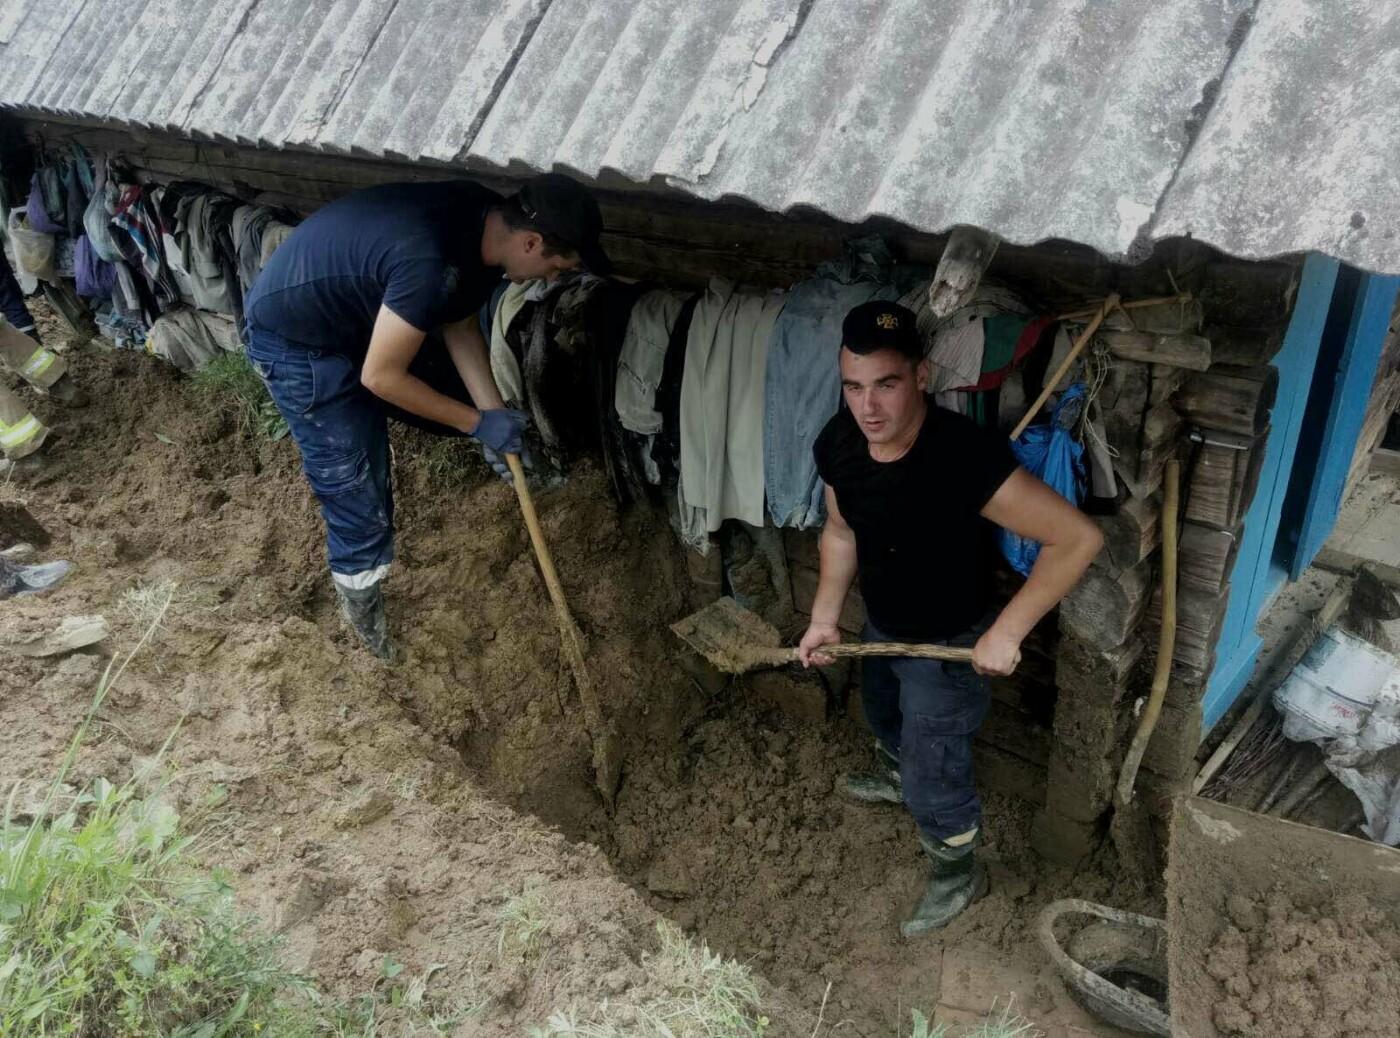 На Закарпатті рятувальники звільнили від величезної маси ґрунту будинок одинокого чоловіка (ФОТО), фото-4